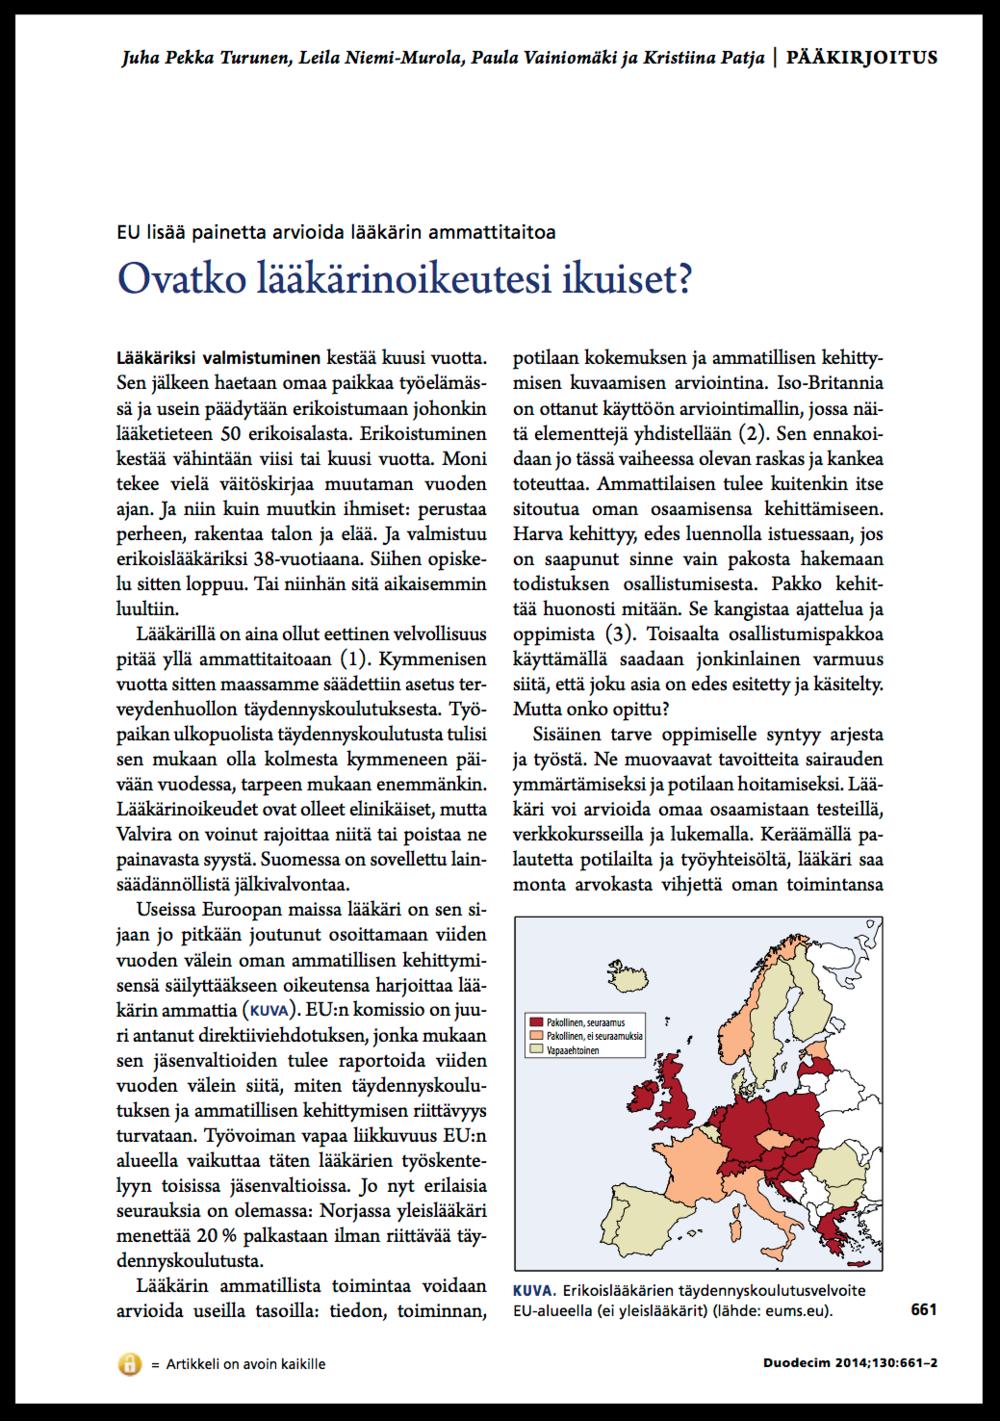 Ovatko lääkärinoikeutesi ikuiset? Turunen JP, Niemi-Murola L, Vainiomäki P, Patja K. Ovatko lääkärinoikeutesi ikuiset? Duodecim 2014;130:661-2.